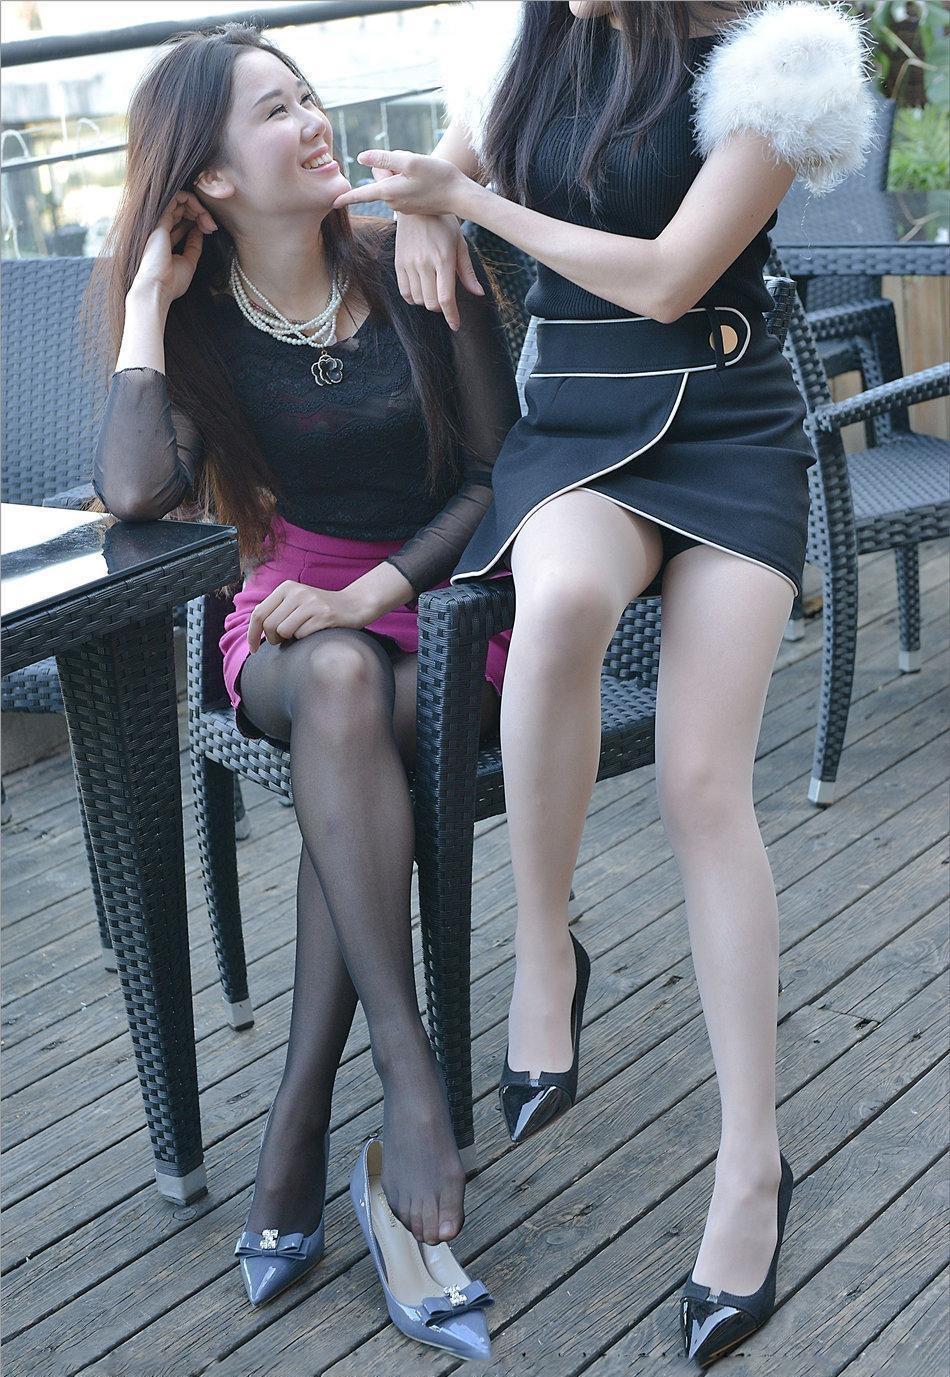 高跟鞋丝袜美女�9��_高跟鞋美女姐妹花, 一个黑色丝袜, 一个白色丝袜, 你